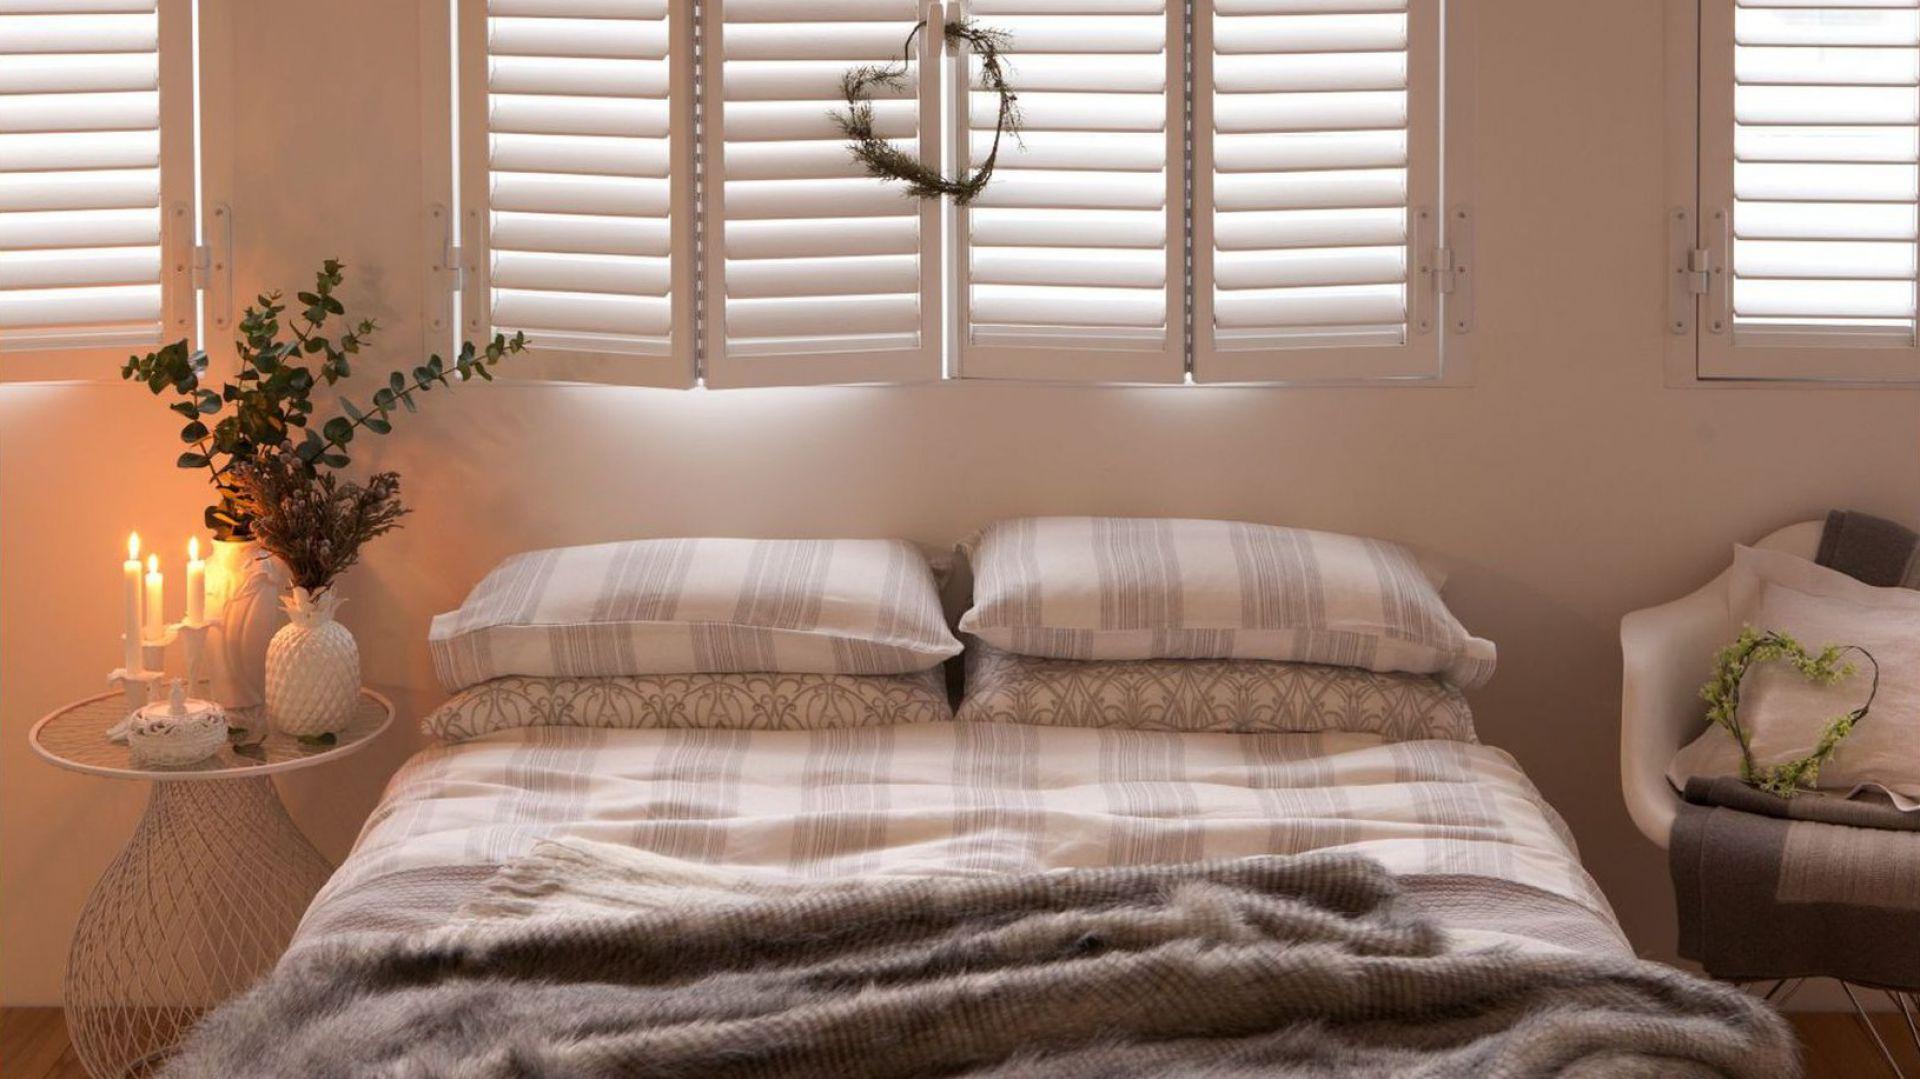 Romantyczna aranżacji sypialni w beżach i szarościach. Fot. Zara Home.